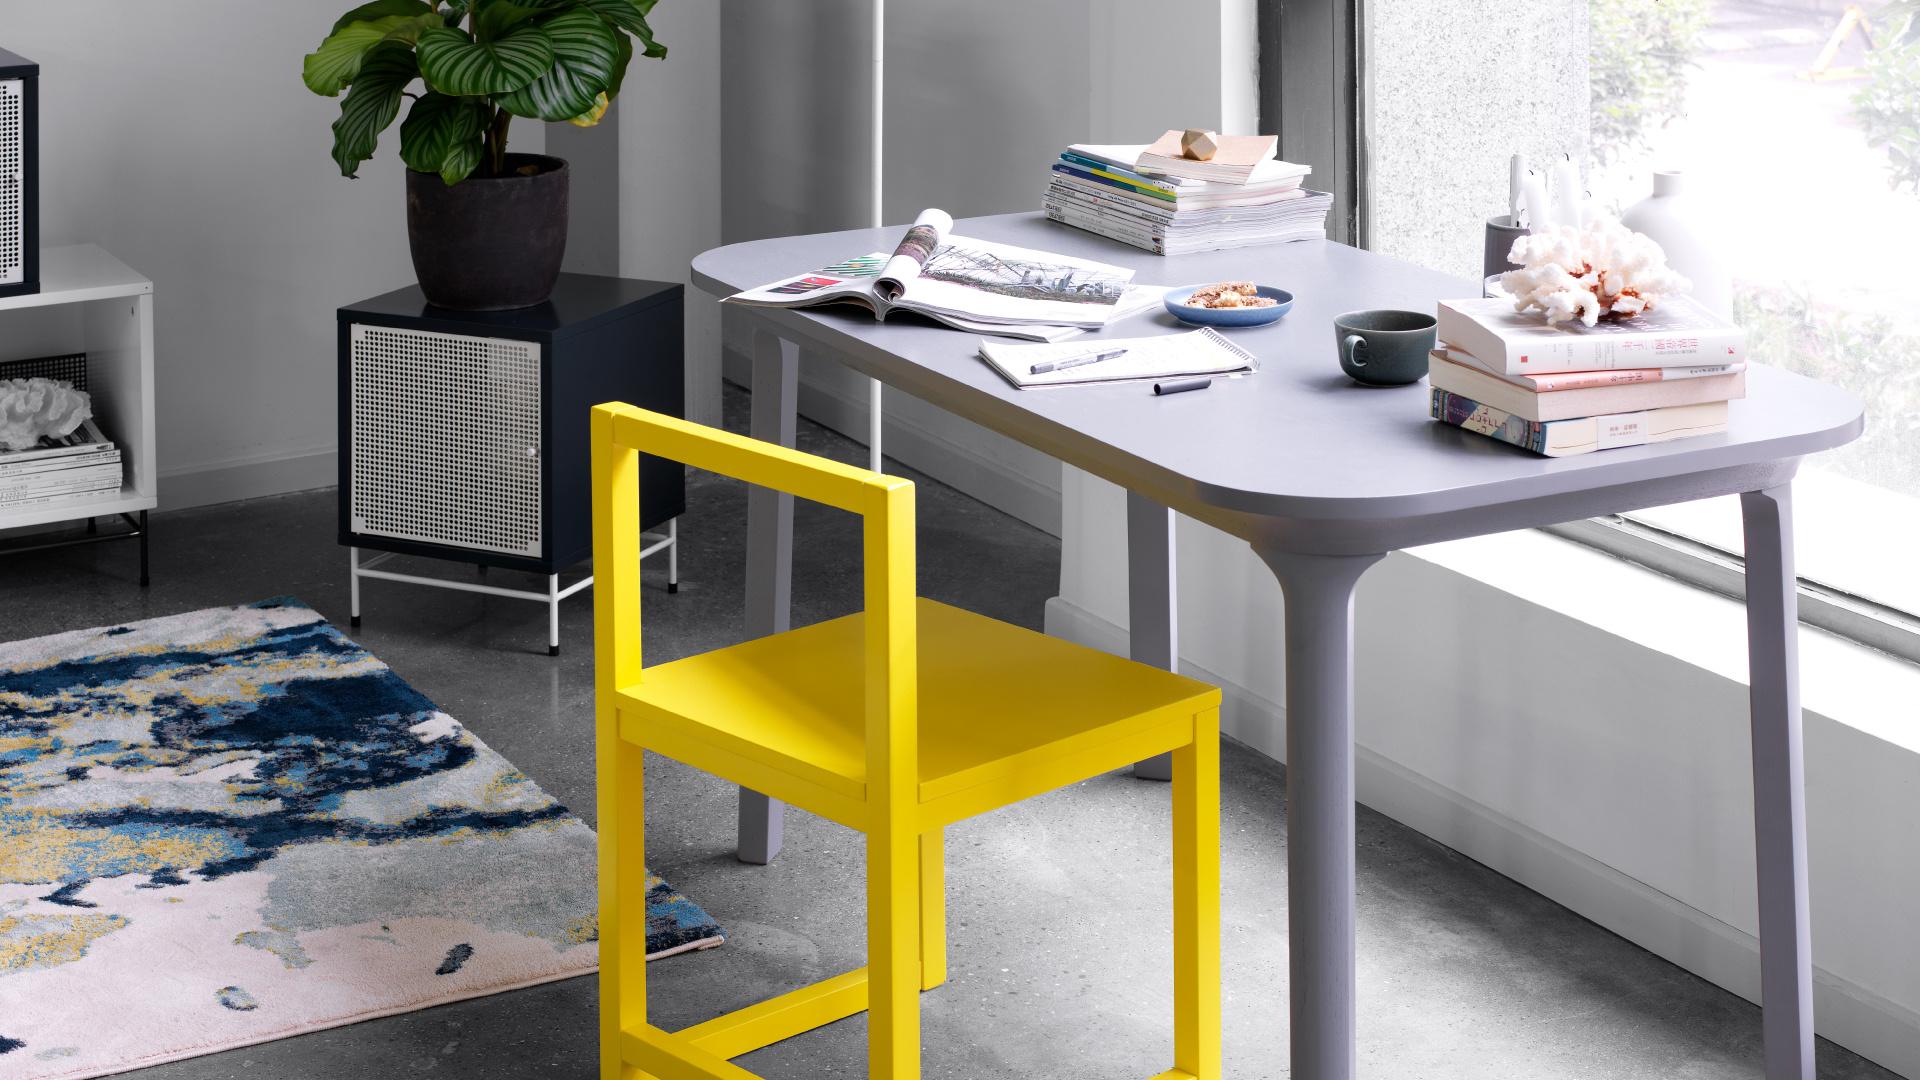 控制到刚刚好的NCS彩色灰度,与撞色单人椅自然融合,给工作间一个漂亮的线面弧度。